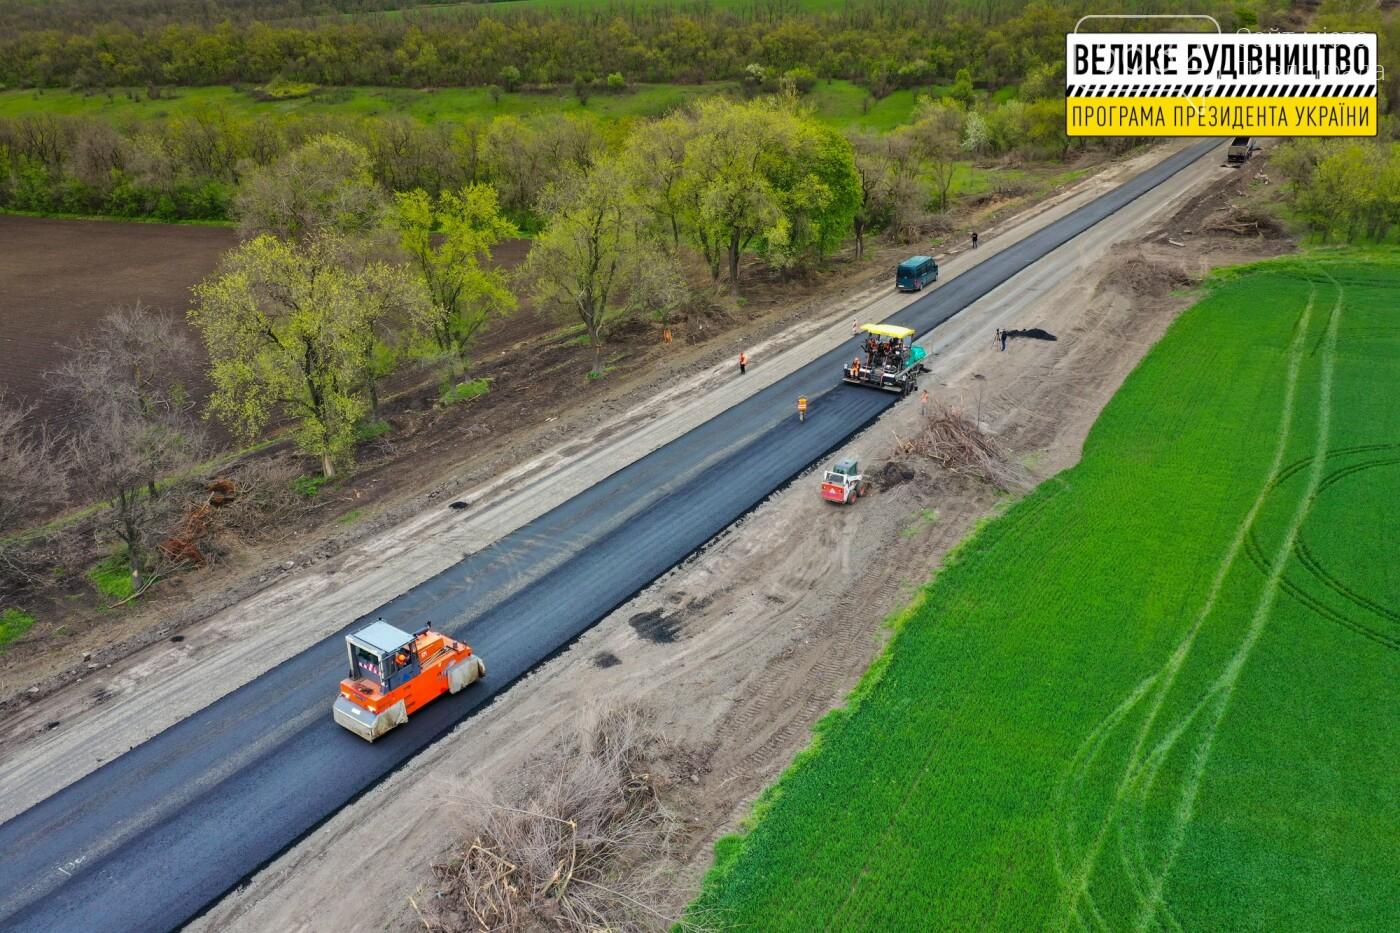 Работают и днем, и ночью: на Днепропетровщине ремонтируют трассу Знаменка-Луганск-Изварино (ФОТО), фото-10